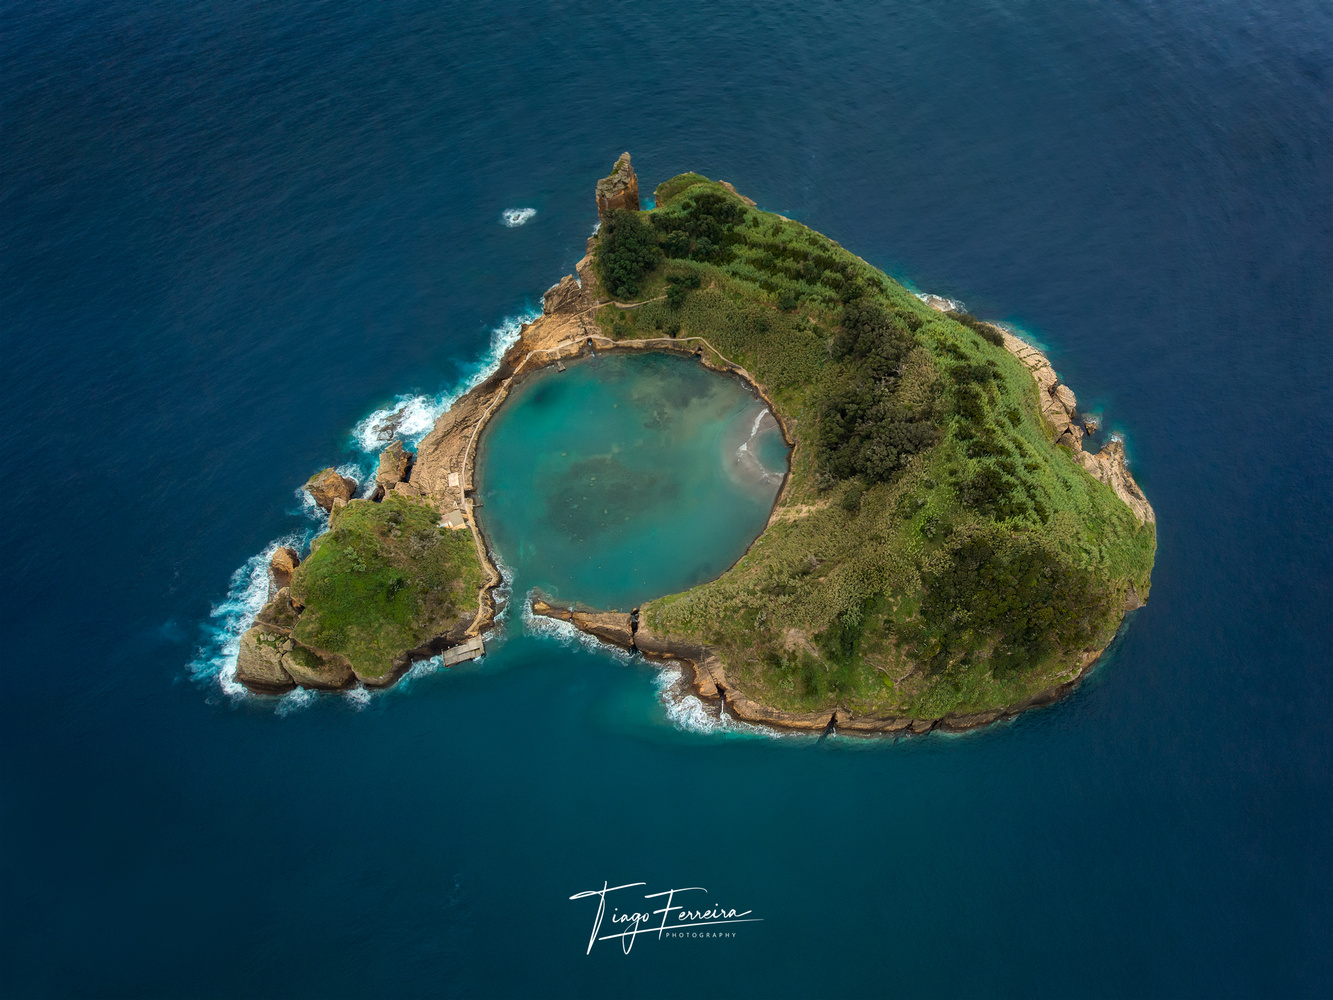 Vila Franca Islet by Tiago Ferreira